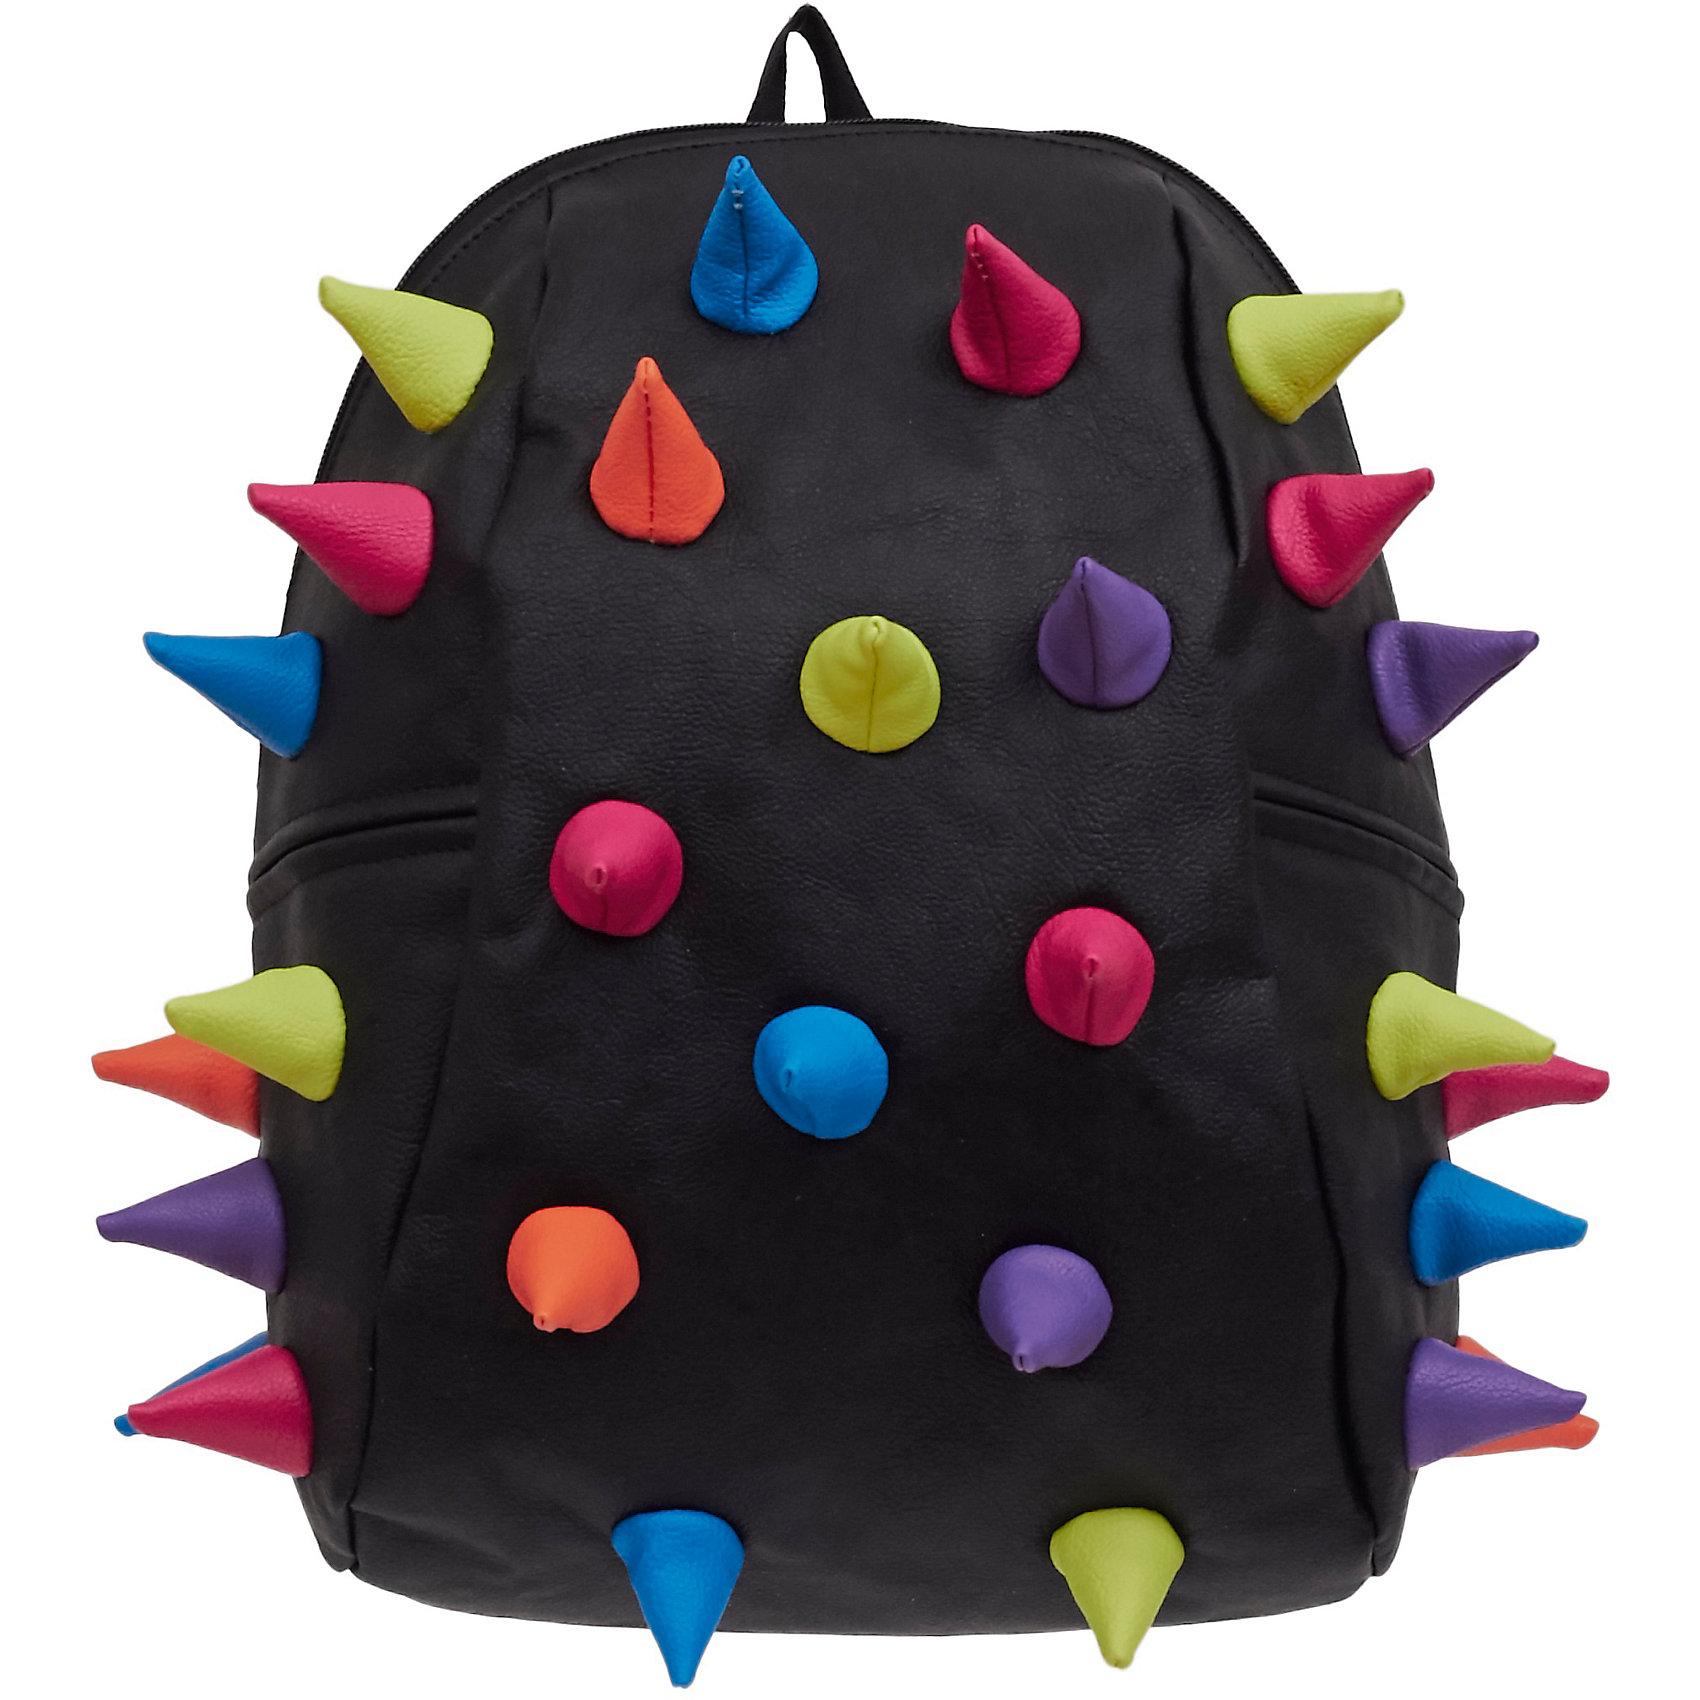 Рюкзак Rex 2 Half Mascarade, цвет черный мультиРюкзаки<br>Легкий и вместительный рюкзак с одним основным отделением с застежкой на молниии. В основное отделение с легкостью входит ноутбук  размером диагонали 13 дюймов, iPad и формат А4. Незаменимый аксессуар как для активного городского жителя, так и для школьников и студентов. Широкие лямки можно регулировать для наиболее удобной посадки, а мягкая ортопедическая спинка делает ношение наиболее удобным и комфортным.<br><br>Ширина мм: 36<br>Глубина мм: 31<br>Высота мм: 15<br>Вес г: 600<br>Возраст от месяцев: 84<br>Возраст до месяцев: 420<br>Пол: Унисекс<br>Возраст: Детский<br>SKU: 5344325